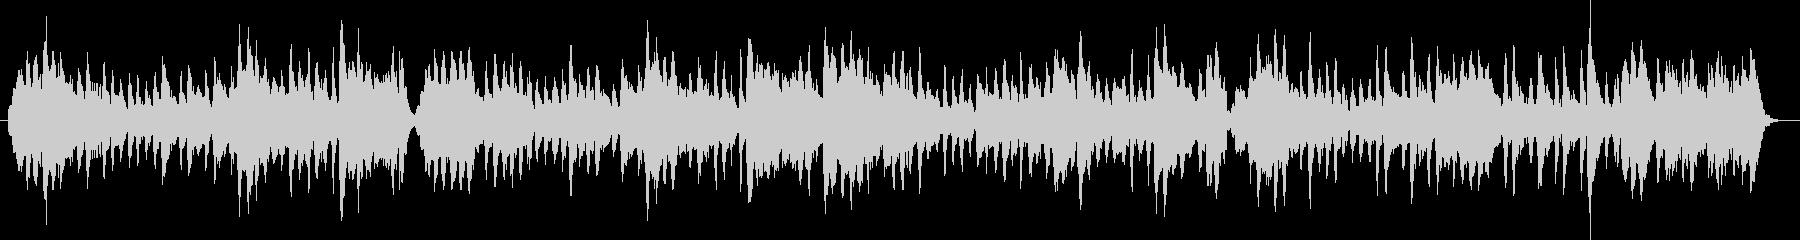 リコーダー縦笛とストリングスのワルツの未再生の波形